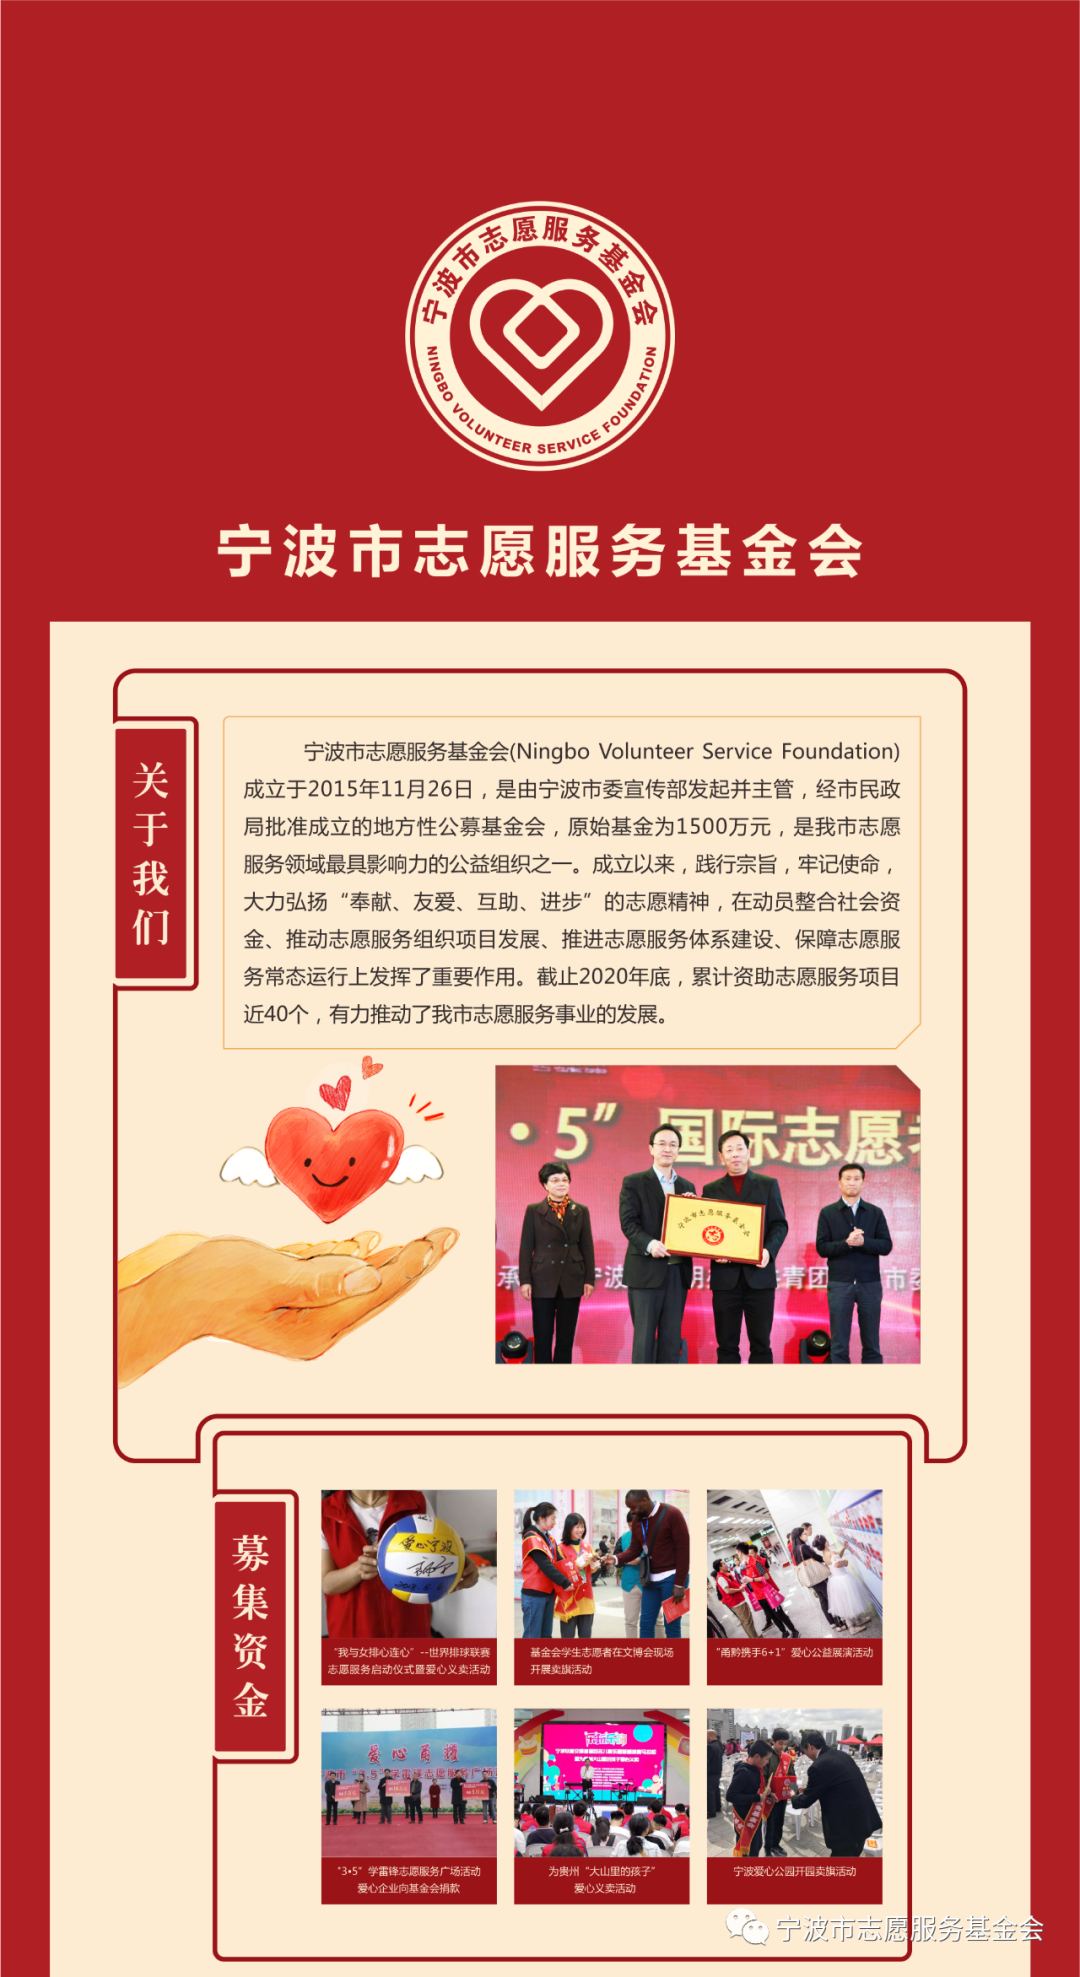 宁波市志愿服务基金会开展大型义卖活动 欢迎市民前去参与支持